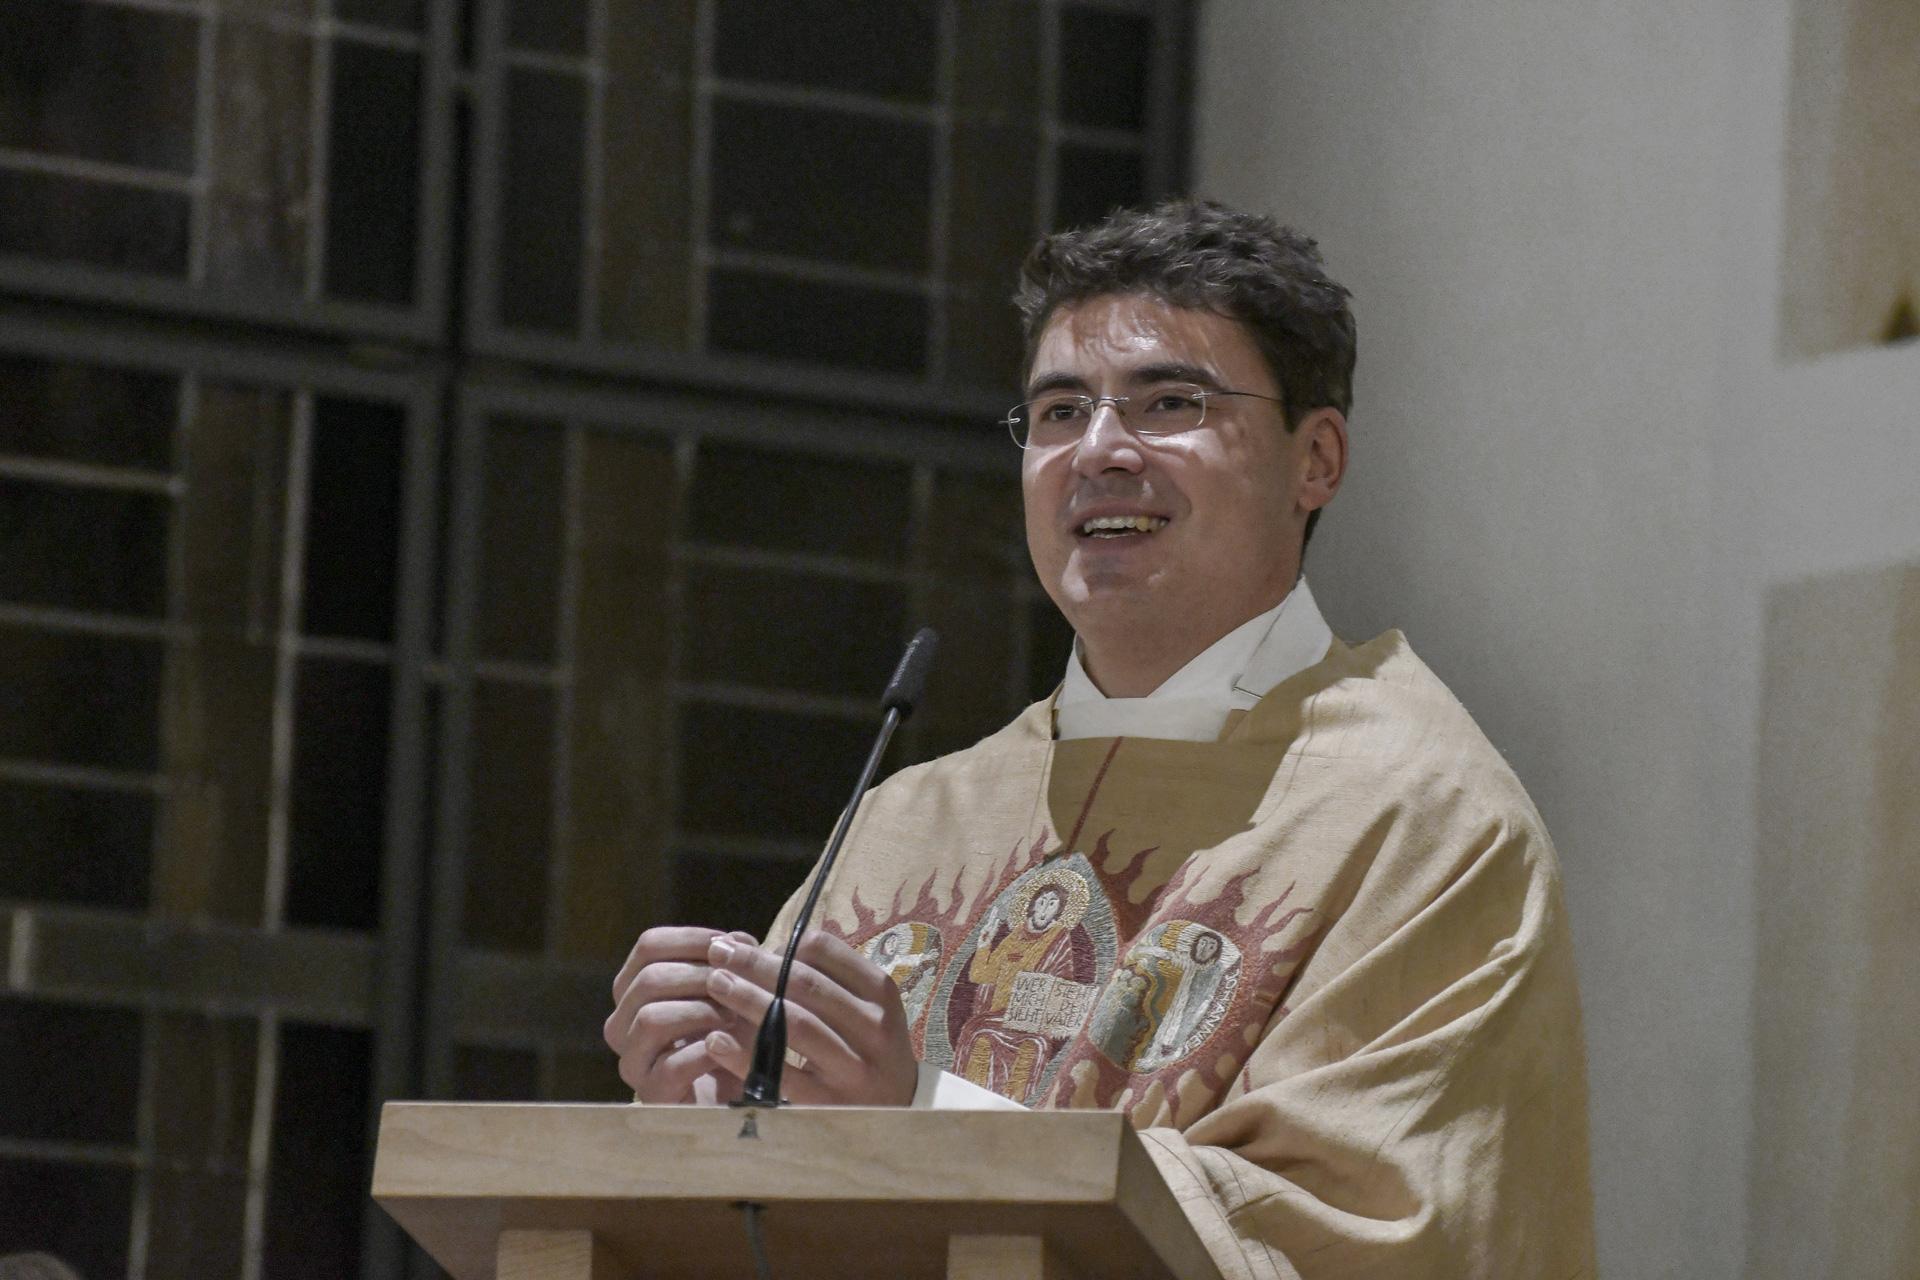 Pfarrer Karl Klein